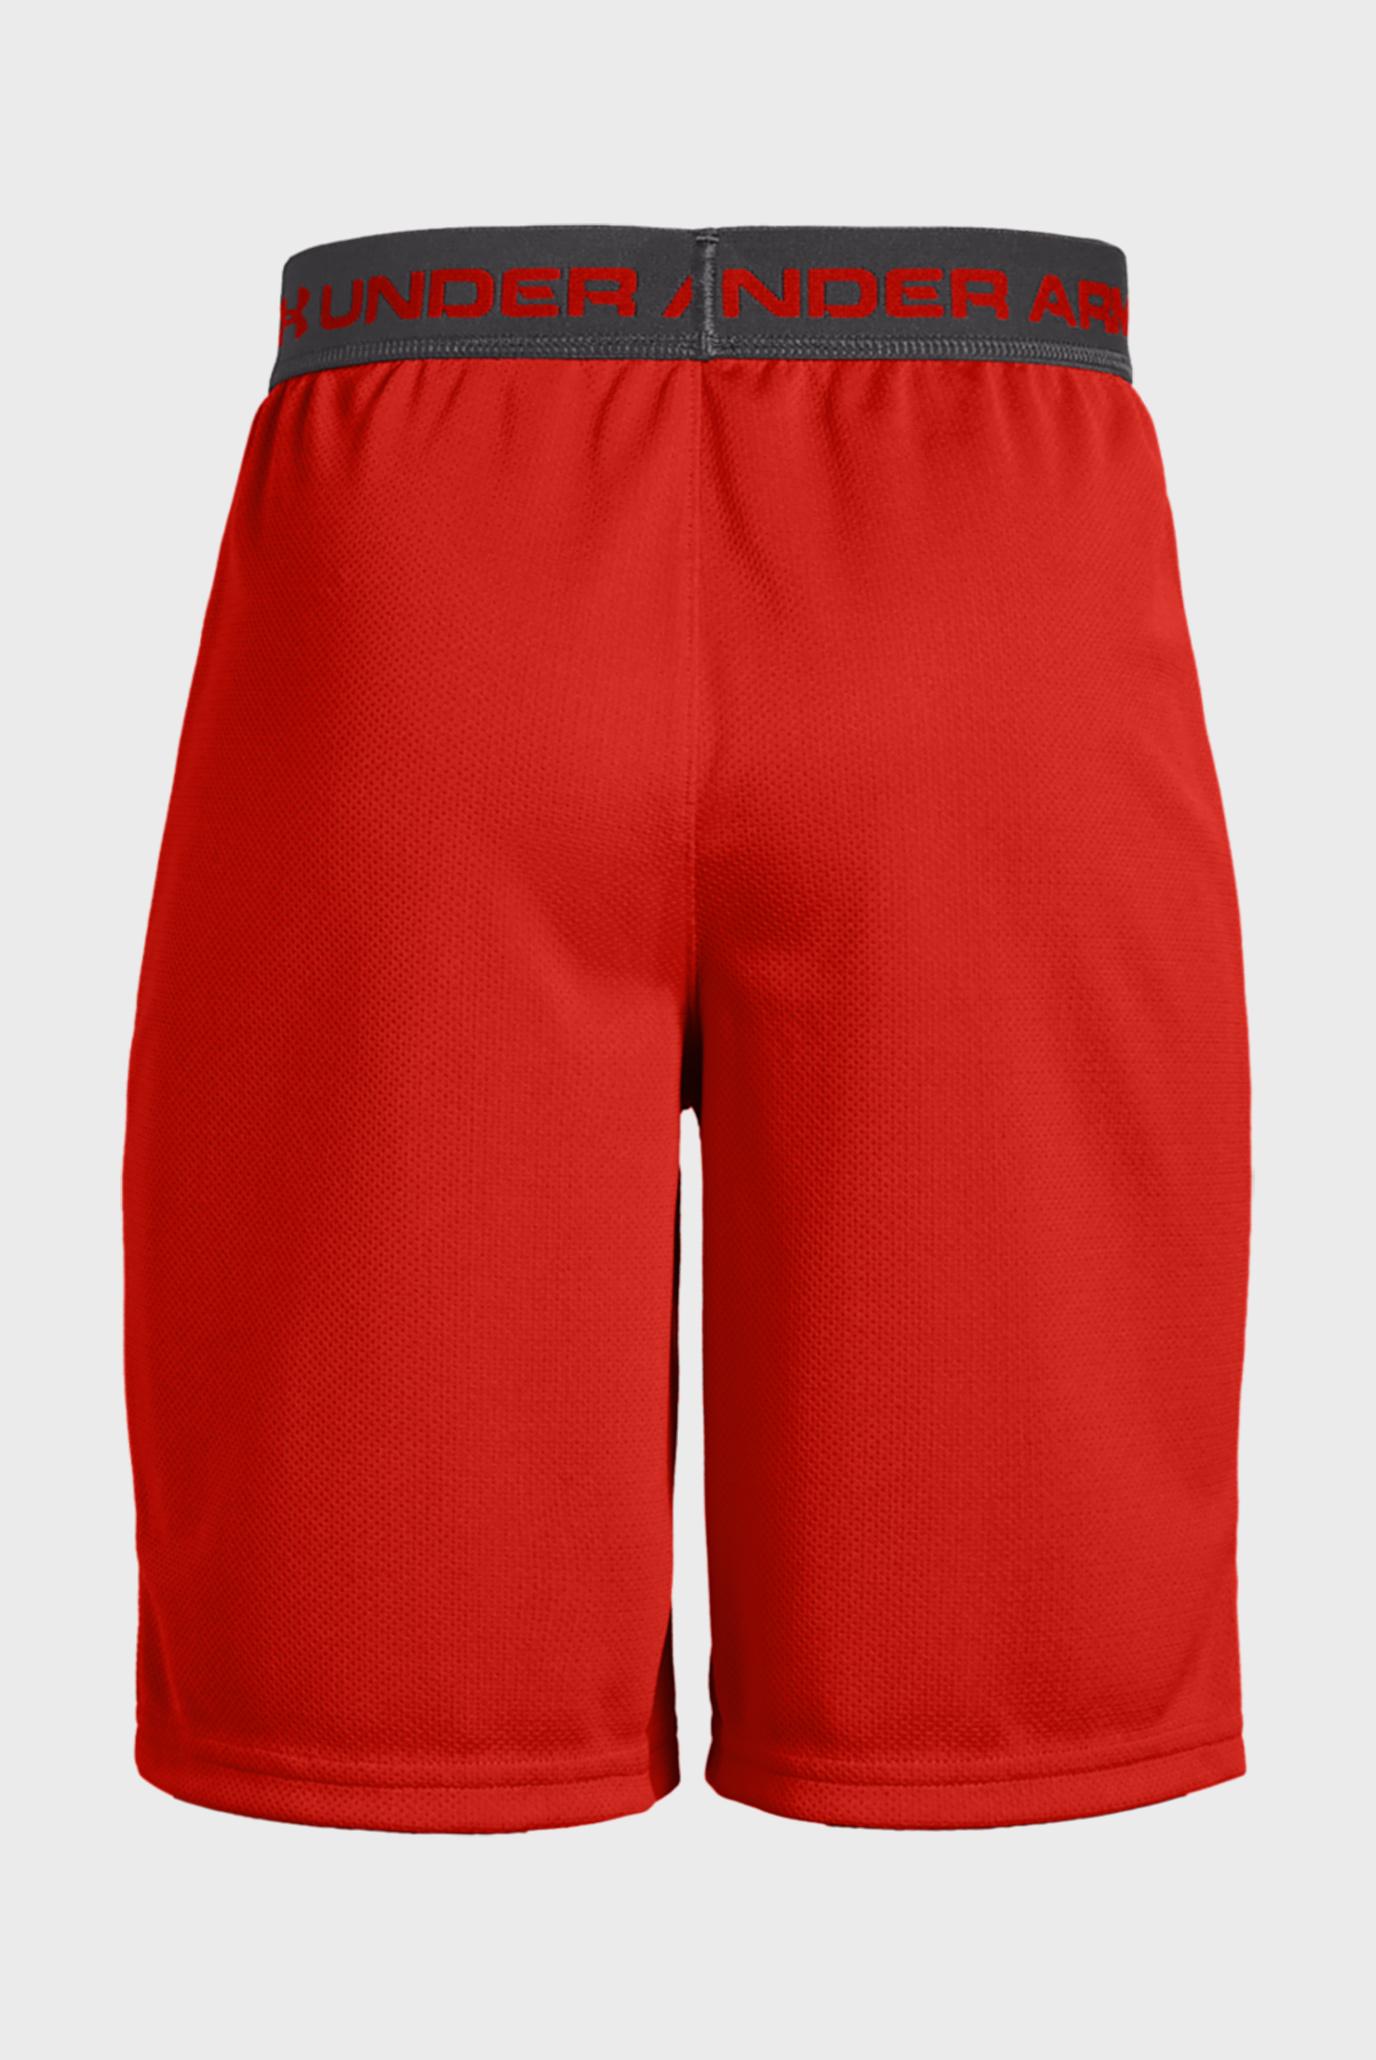 Купить Детские красные шорты Tech Prototype Short 2.0 Under Armour Under Armour 1309310-890 – Киев, Украина. Цены в интернет магазине MD Fashion